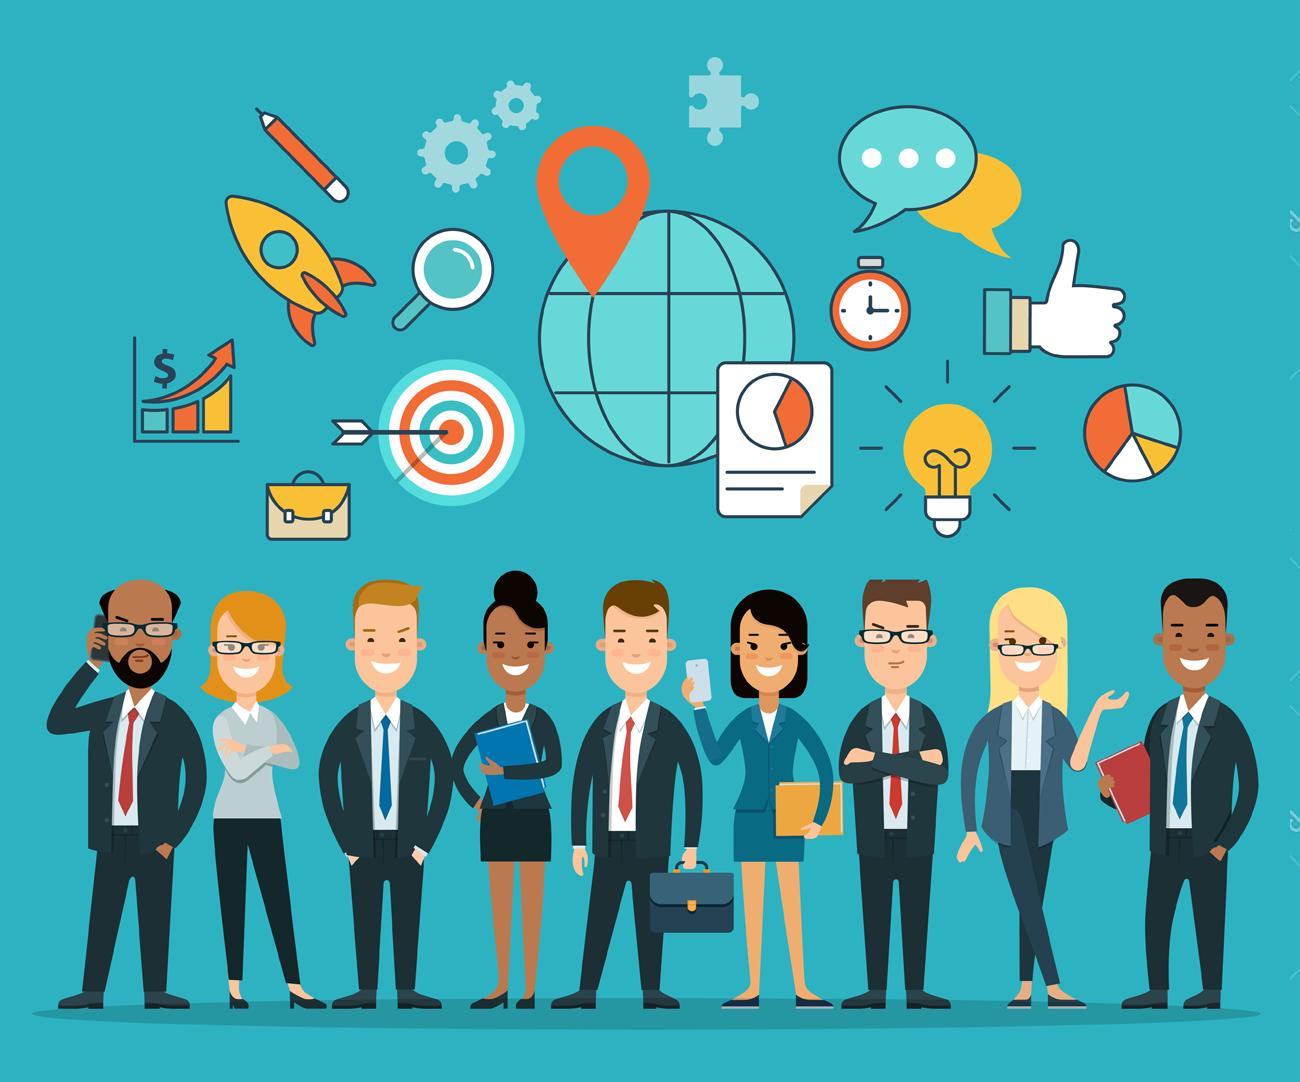 Bí quyết sáng tạo kinh doanh hiệu quả